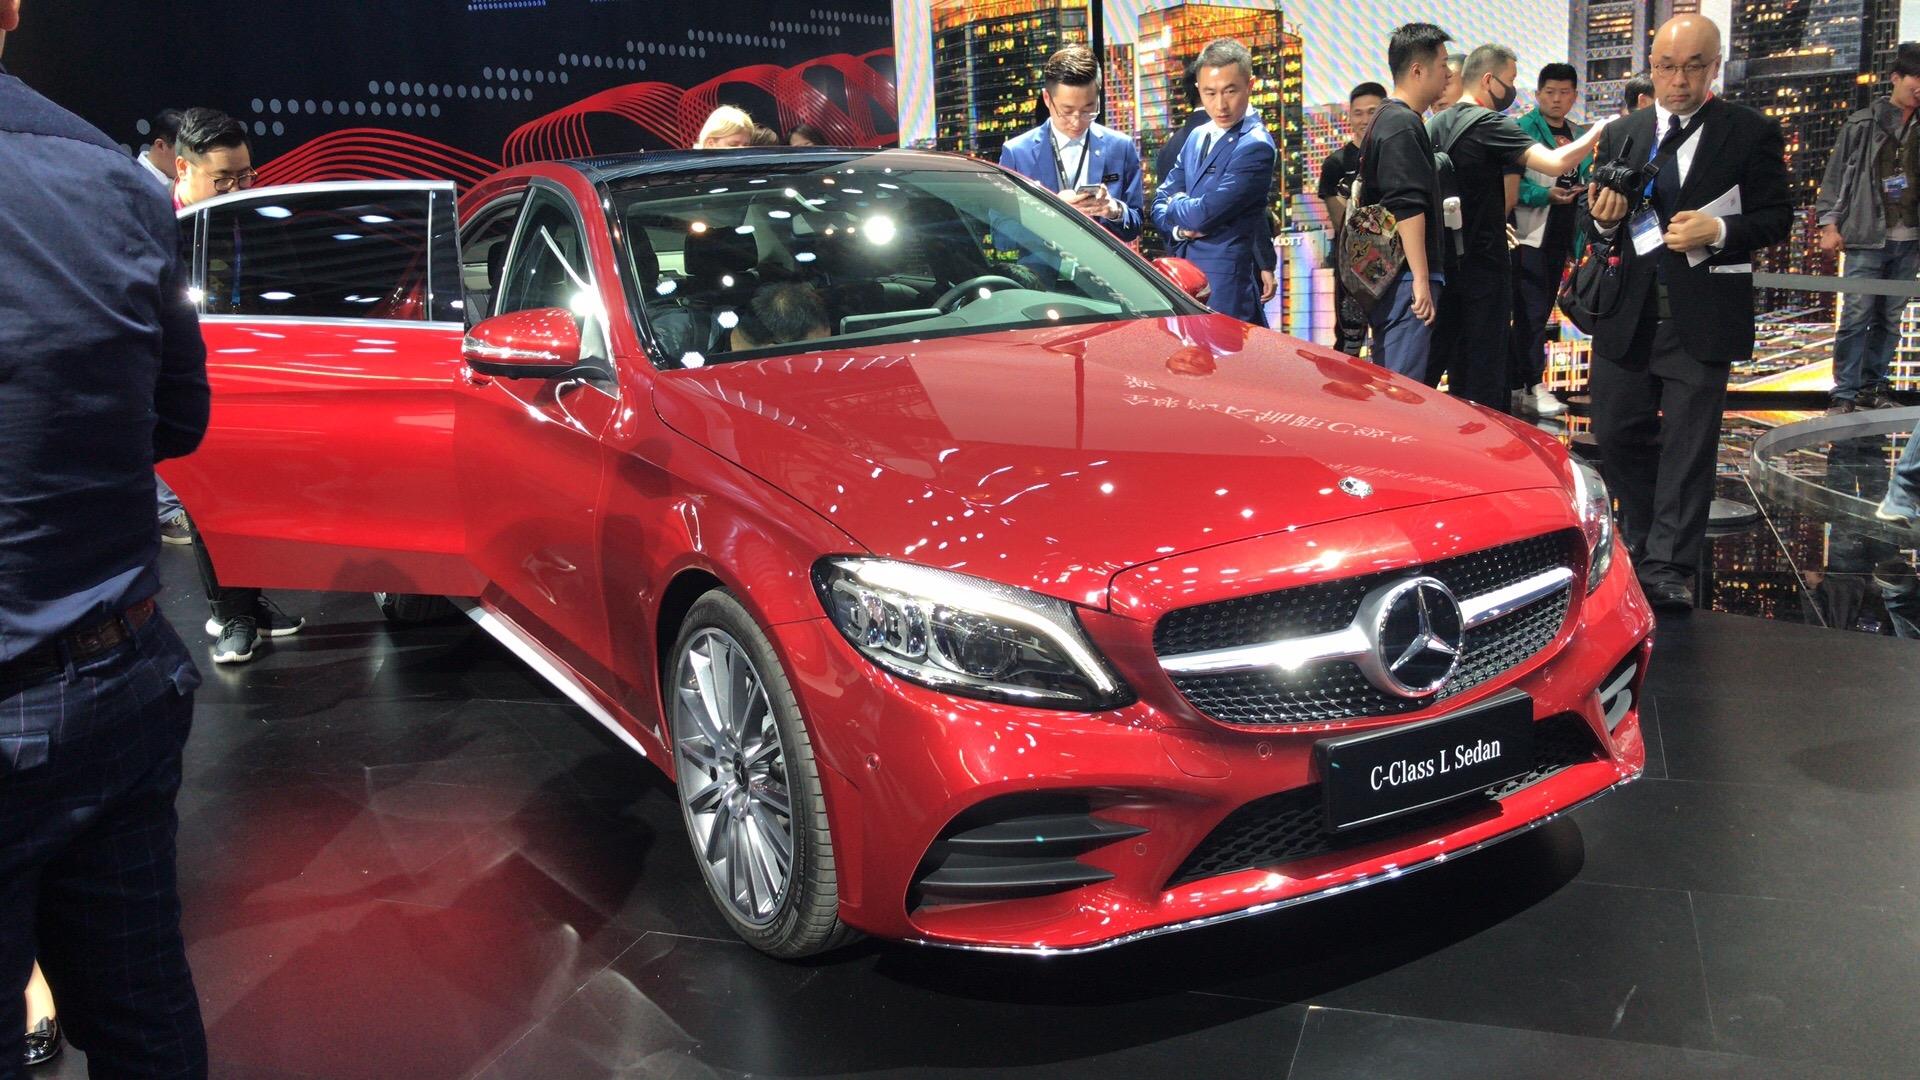 沿用海外版设计 国产新款奔驰C级亮相